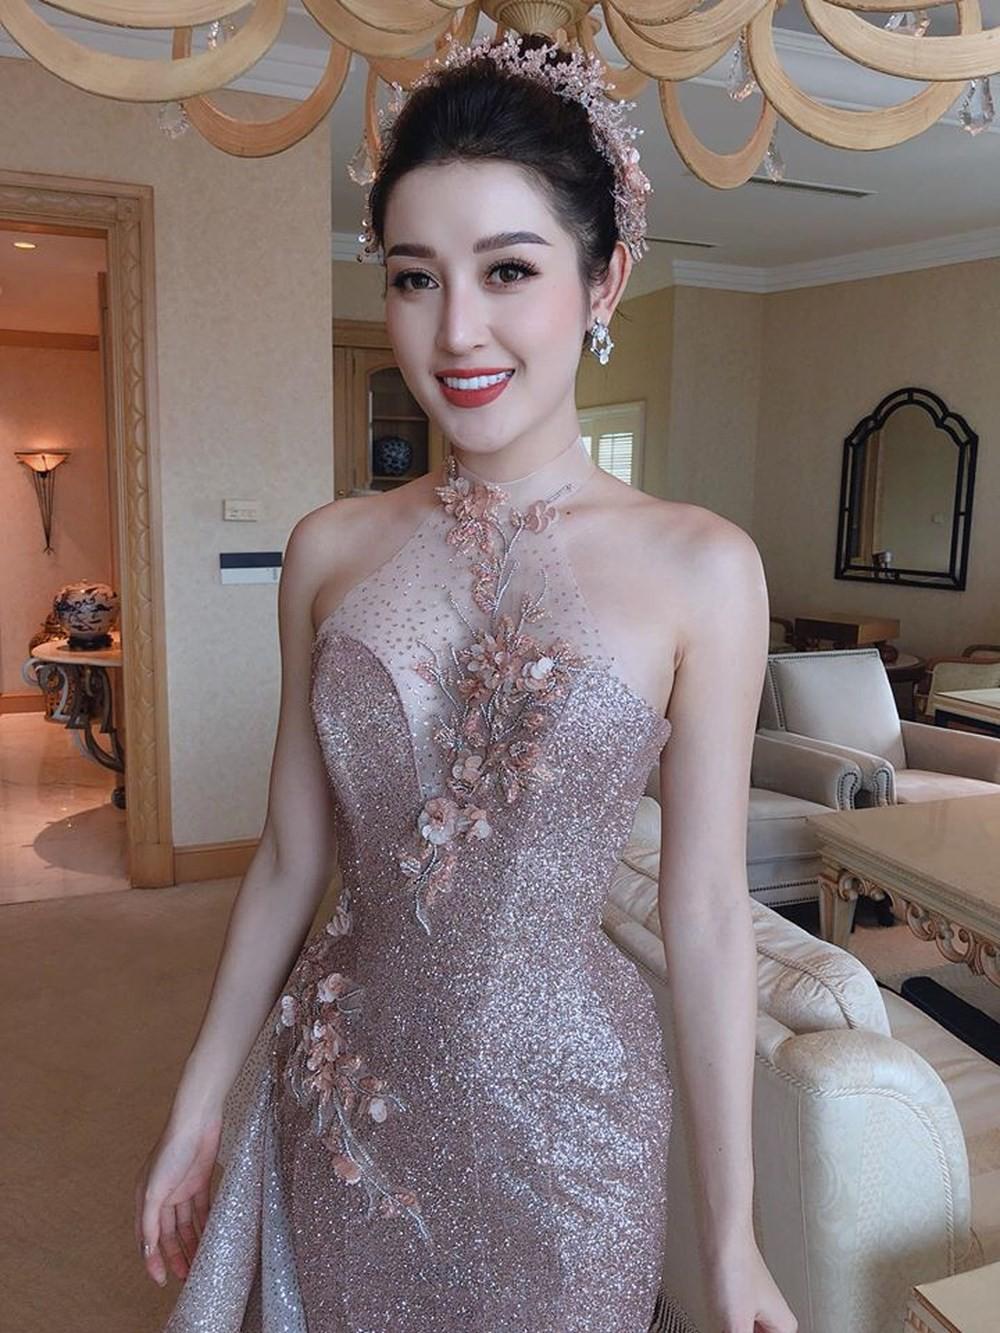 """Công thức diện đồ """"đinh"""" của Á hậu Huyền My: Mặc váy cực diêm dúa và nhất định phải cài thứ gì đó thật sến lên đầu - Ảnh 8."""